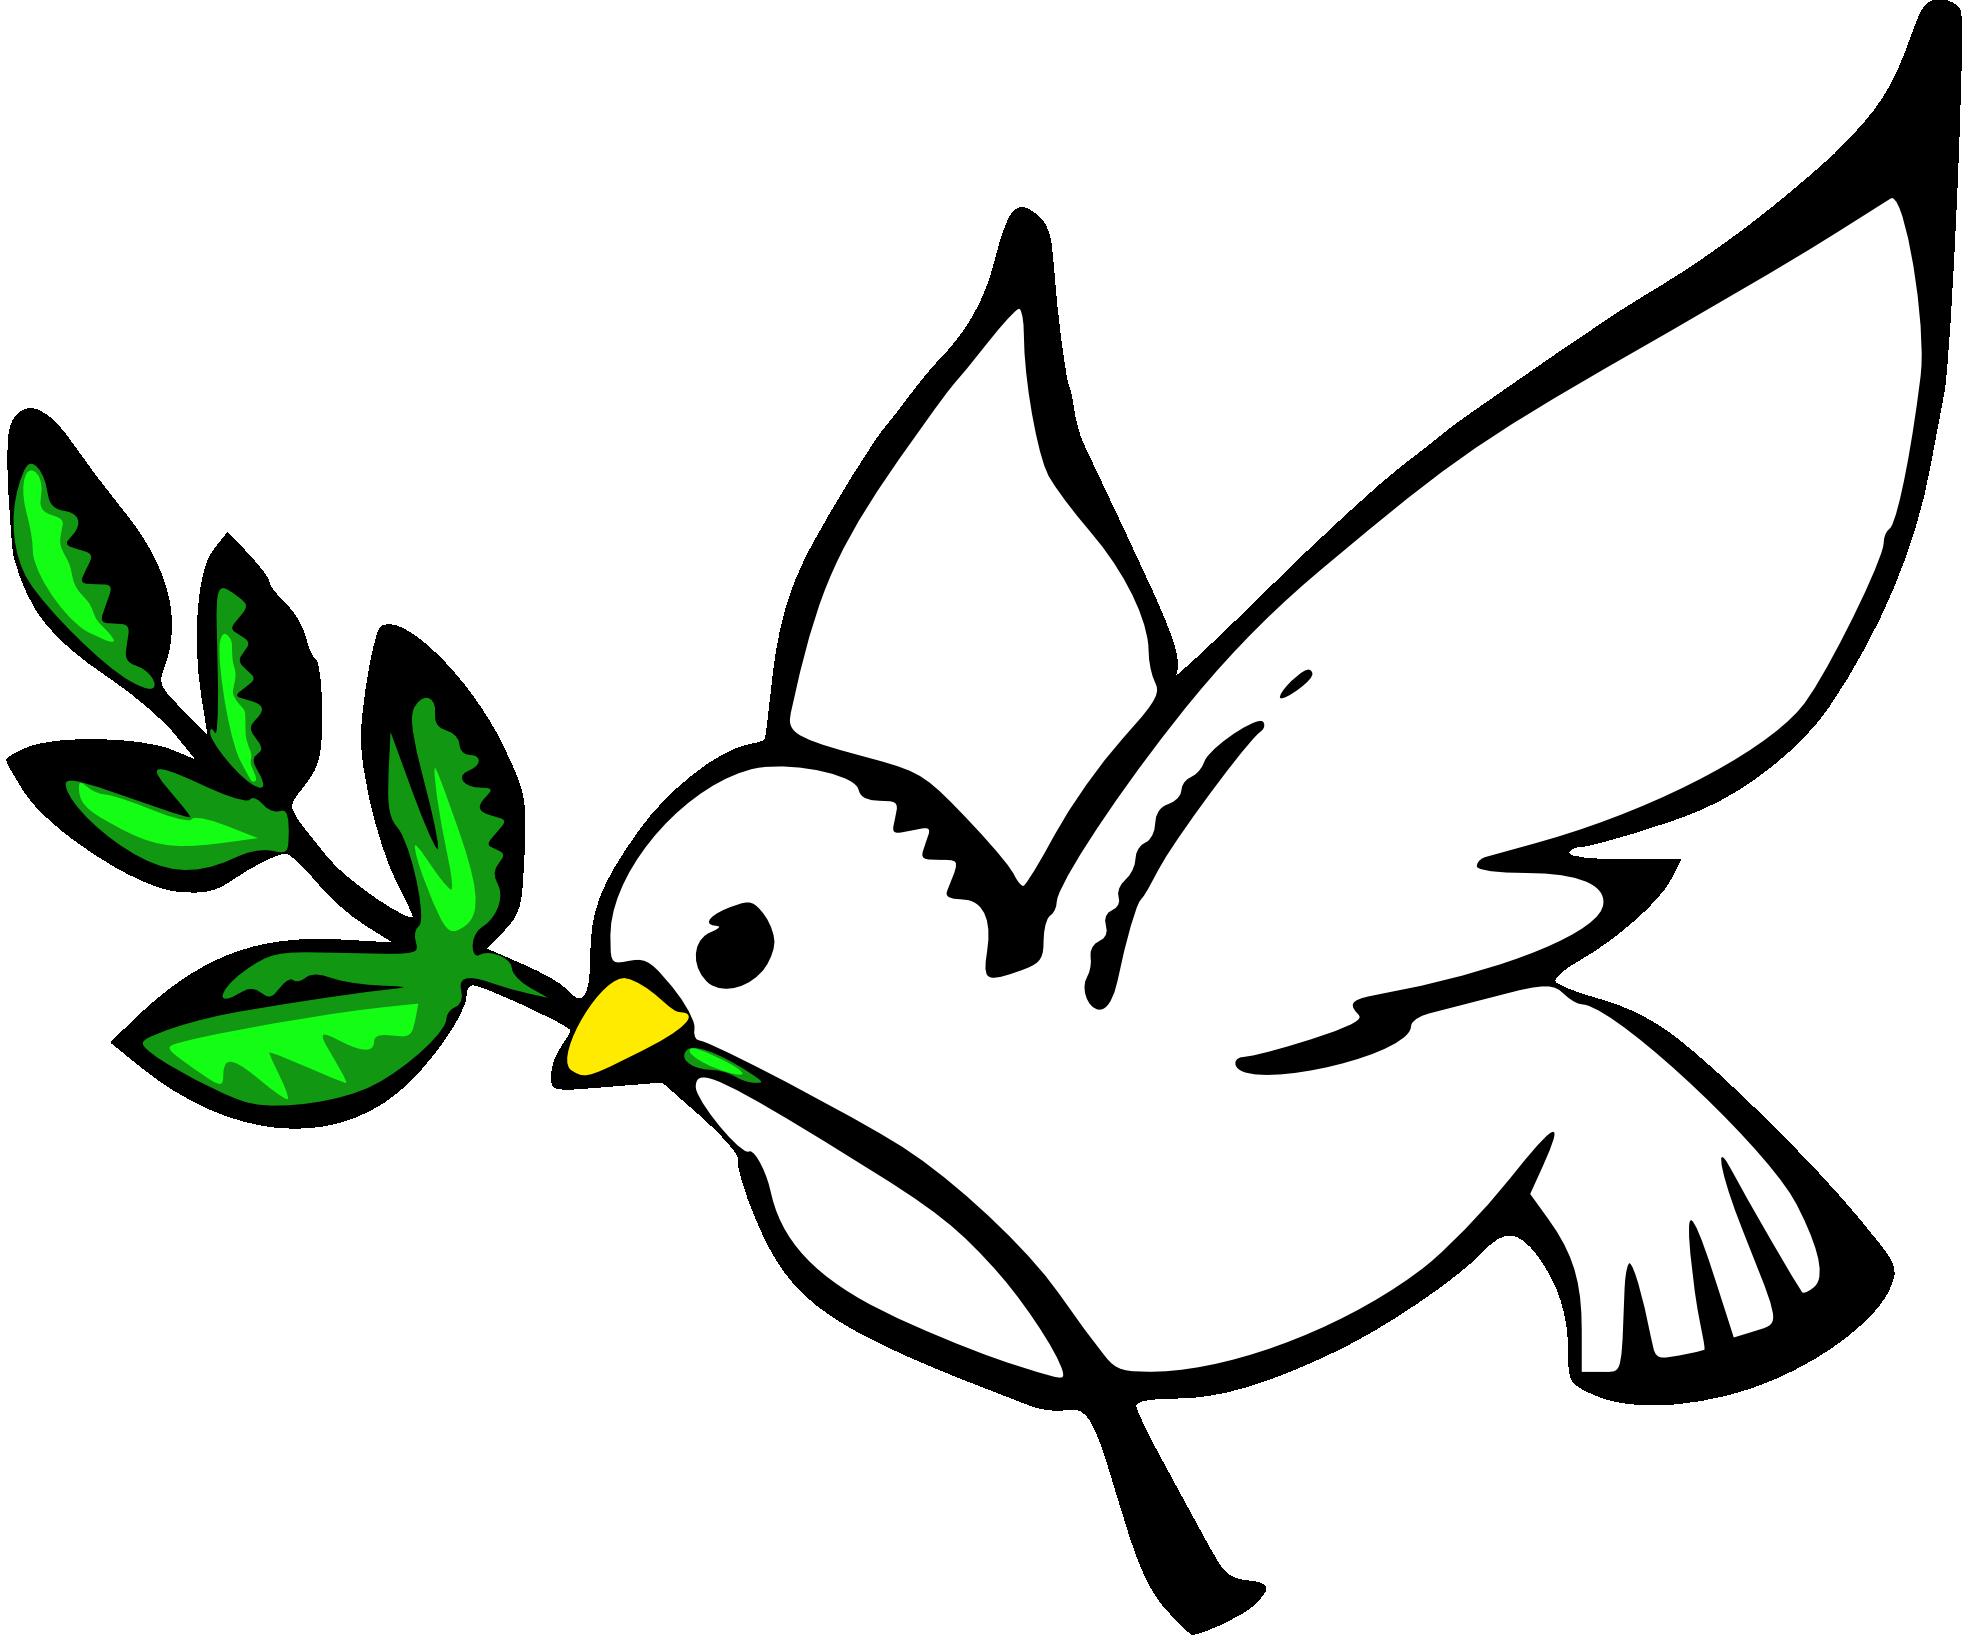 Doves clipart. Dove free download clip